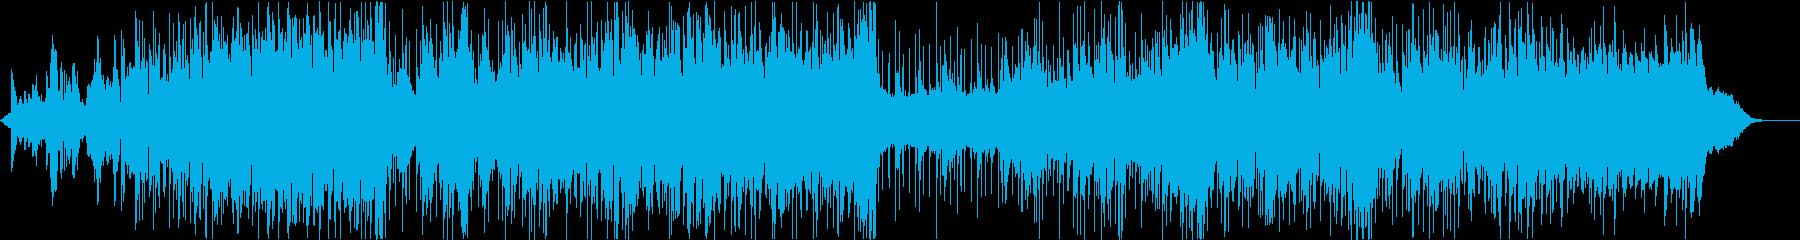 ハッピー 明るい ポジティブ ピアノ の再生済みの波形